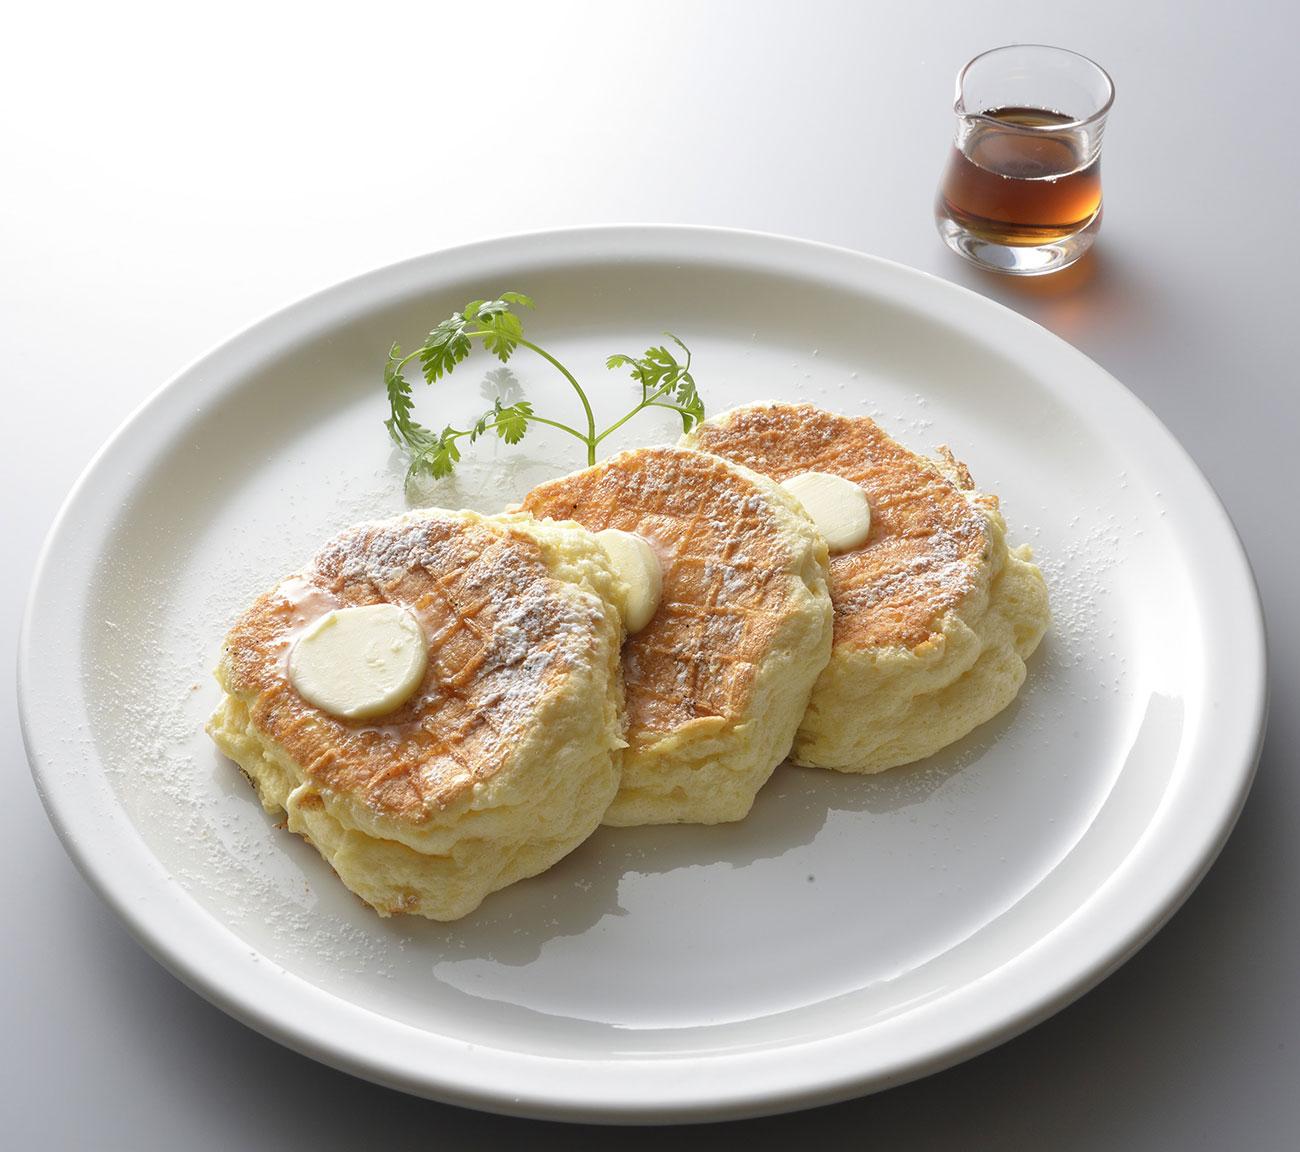 リコッタパンケーキ 1,200円